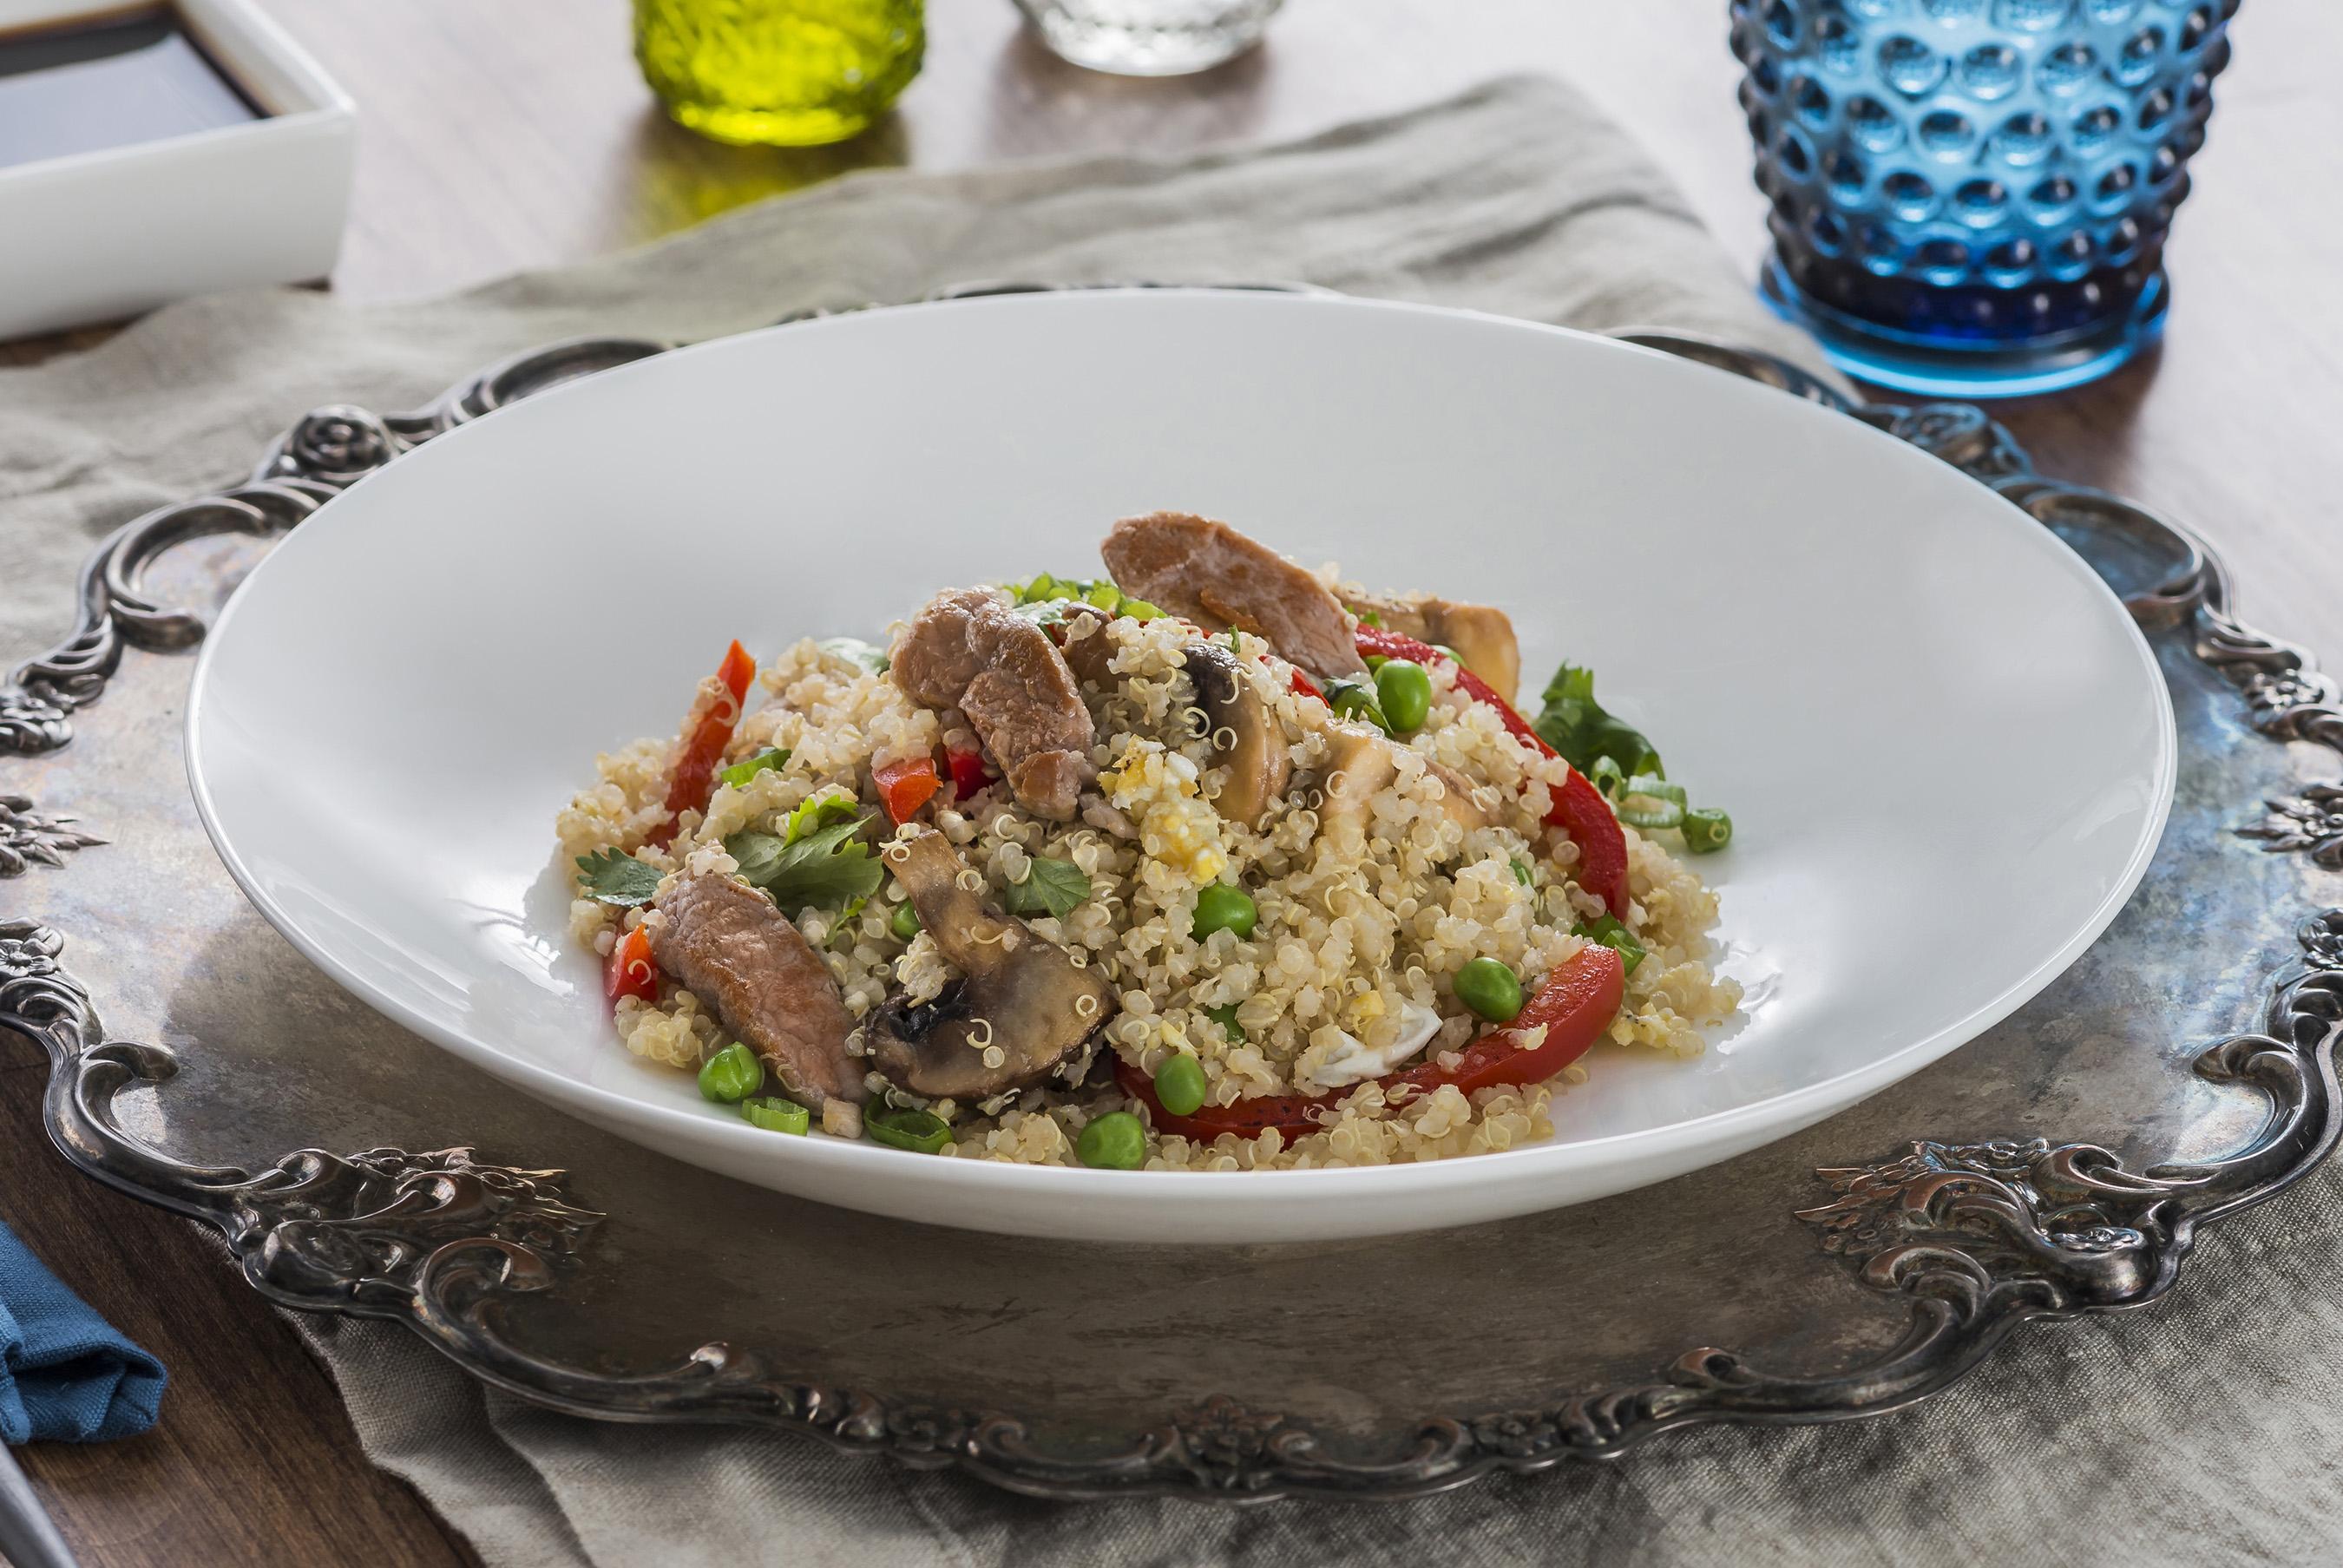 Inspirada en la milenaria cocina peruana y las deliciosas tradiciones asiáticas, esta exquisita y nutritiva fusión es preparada con quinoa y tiras de lomo de cerdo salteadas.